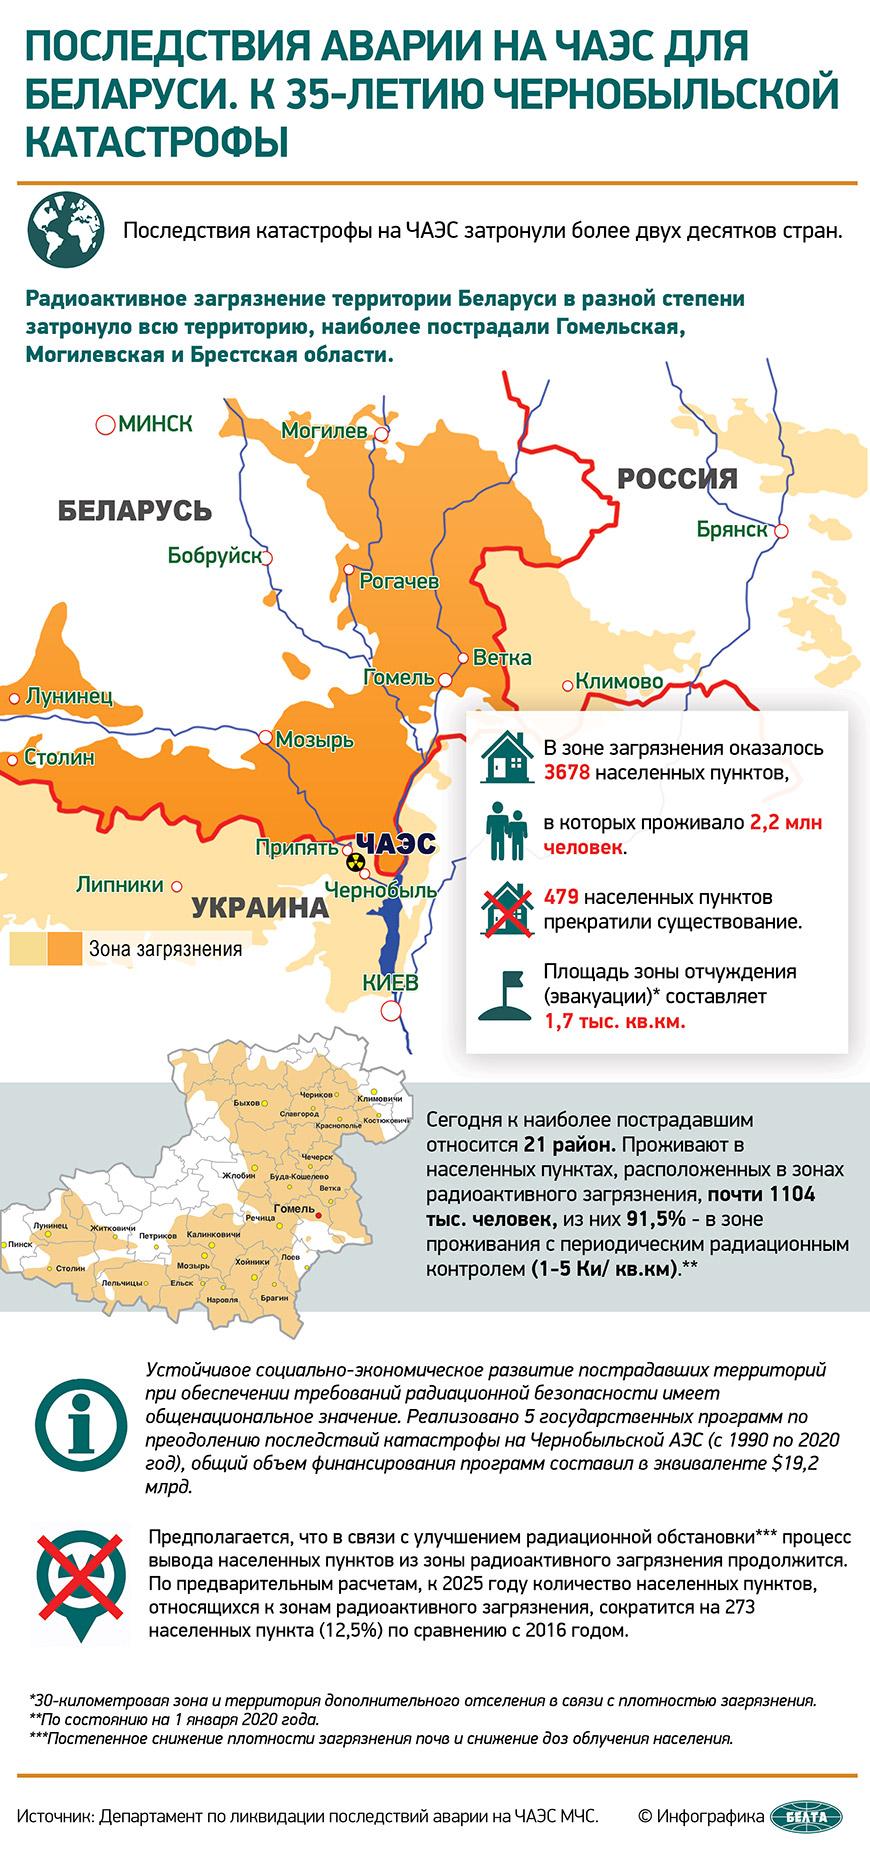 Последствия аварии на ЧАЭС для Беларуси. К 35-летию чернобыльской катастрофы